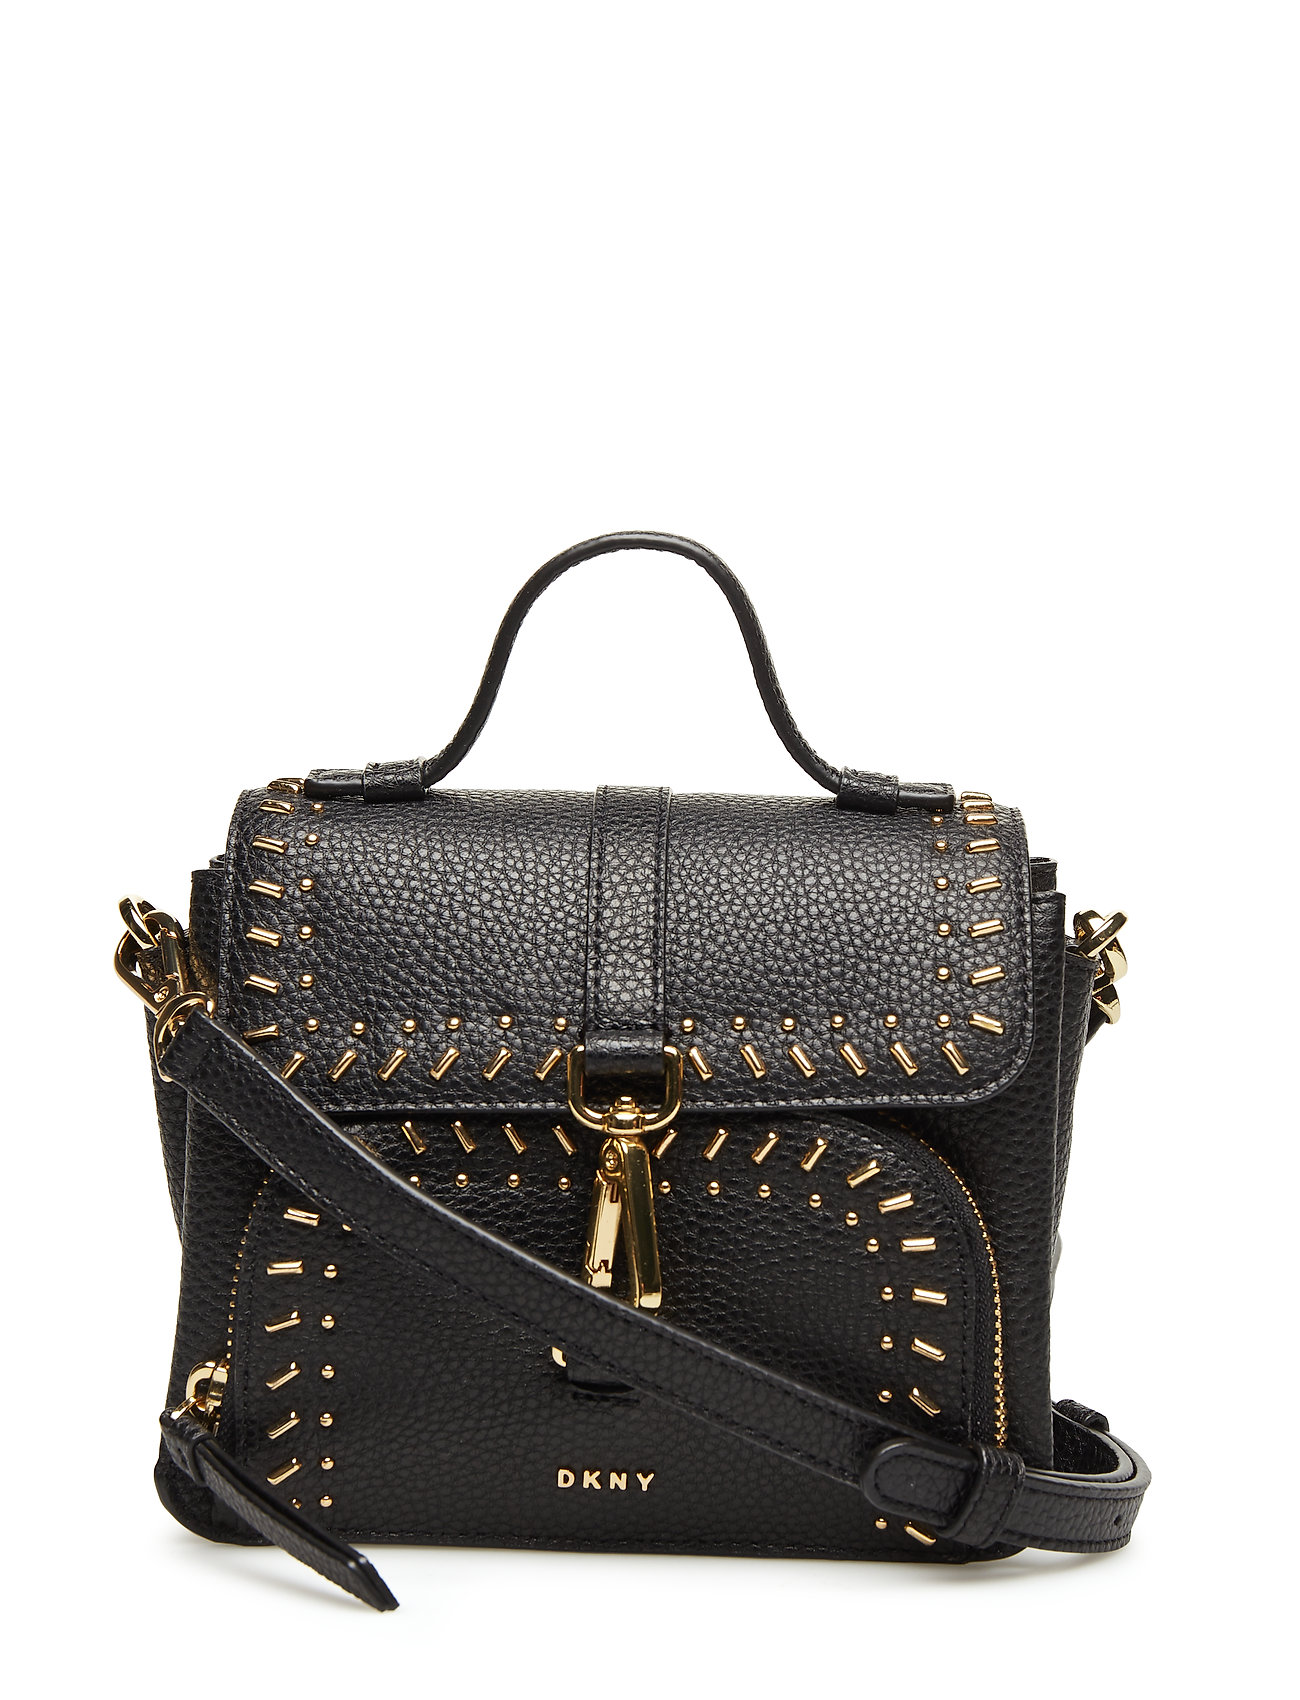 DKNY Bags PARIS